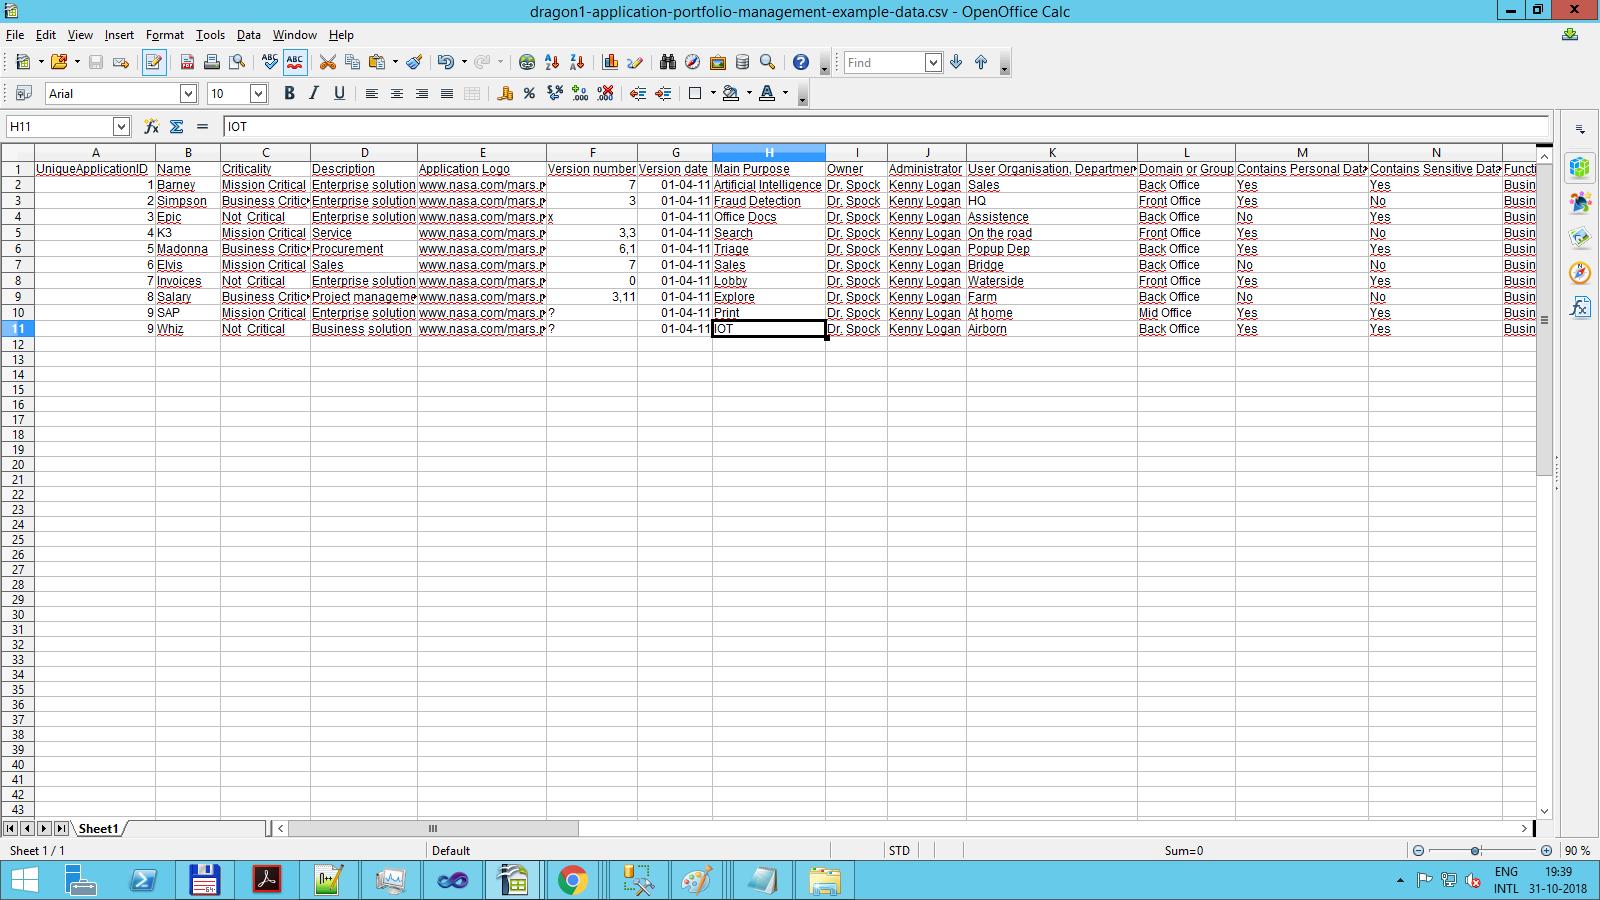 portfolio management example